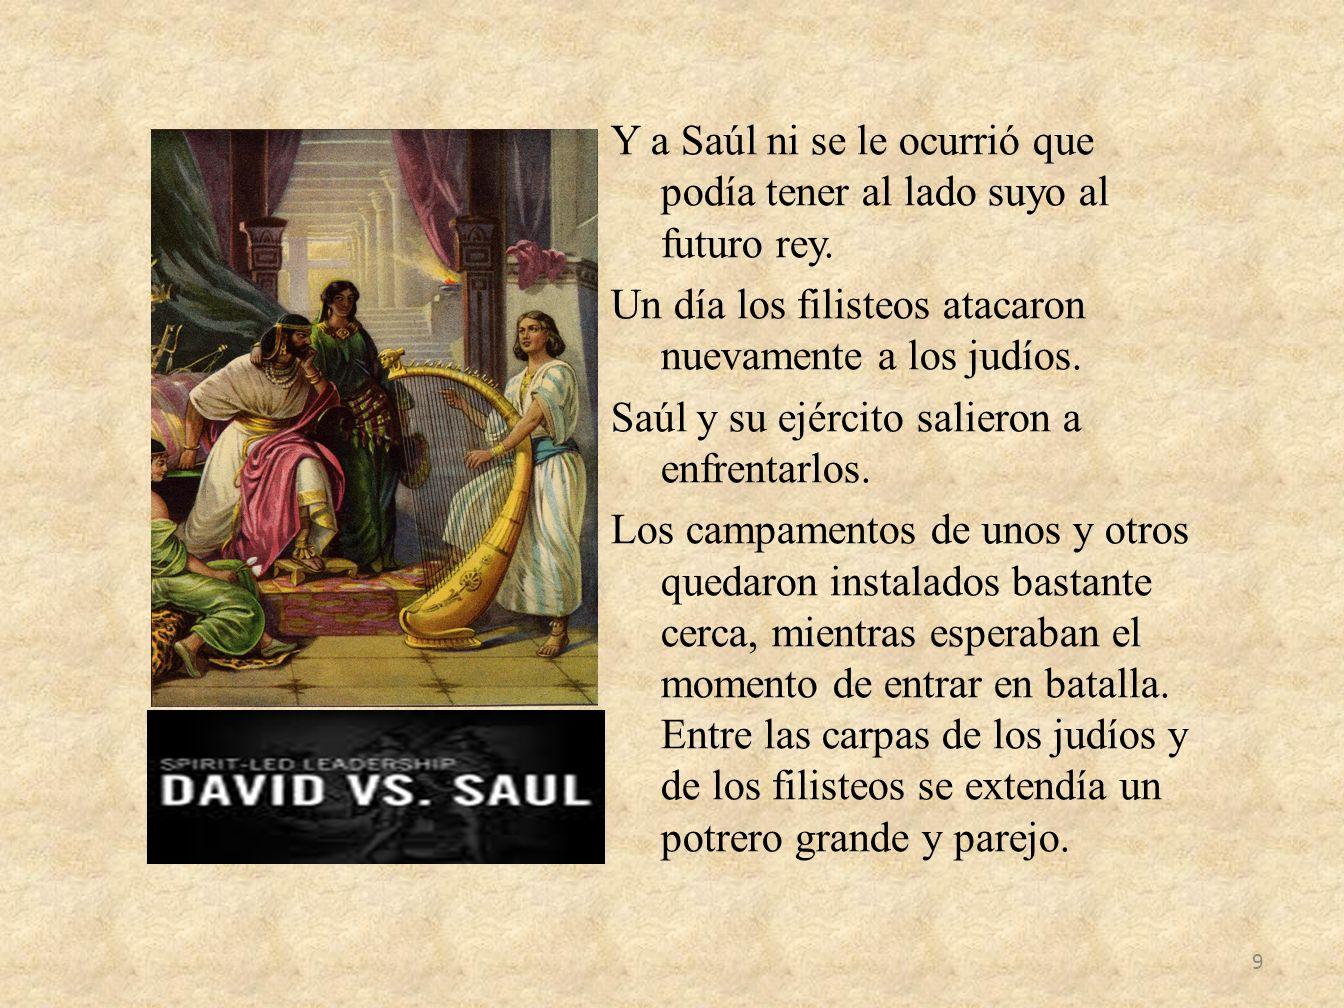 Y a Saúl ni se le ocurrió que podía tener al lado suyo al futuro rey